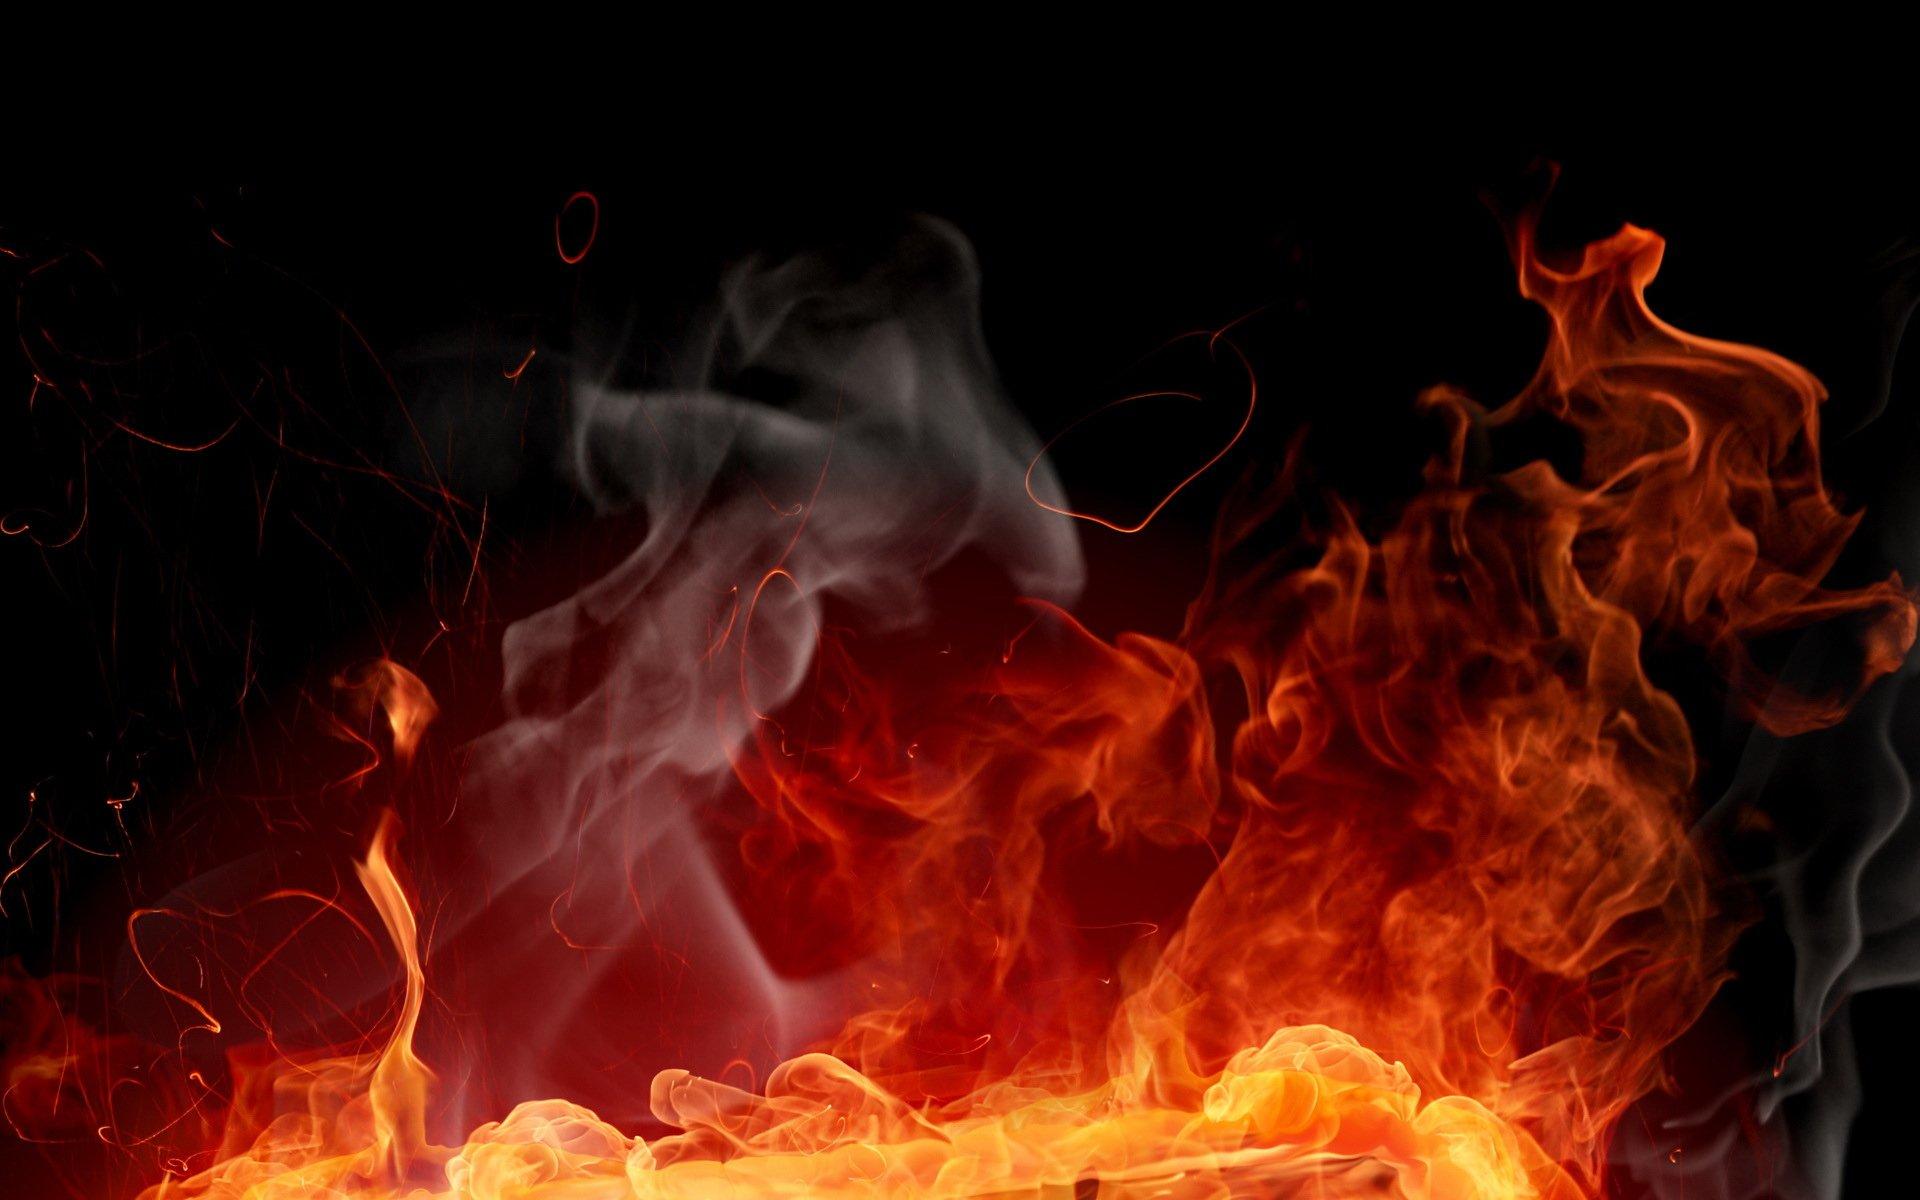 Artistisk - Elemental  Flame Ps3 Game Batman Röd Eld Bakgrund